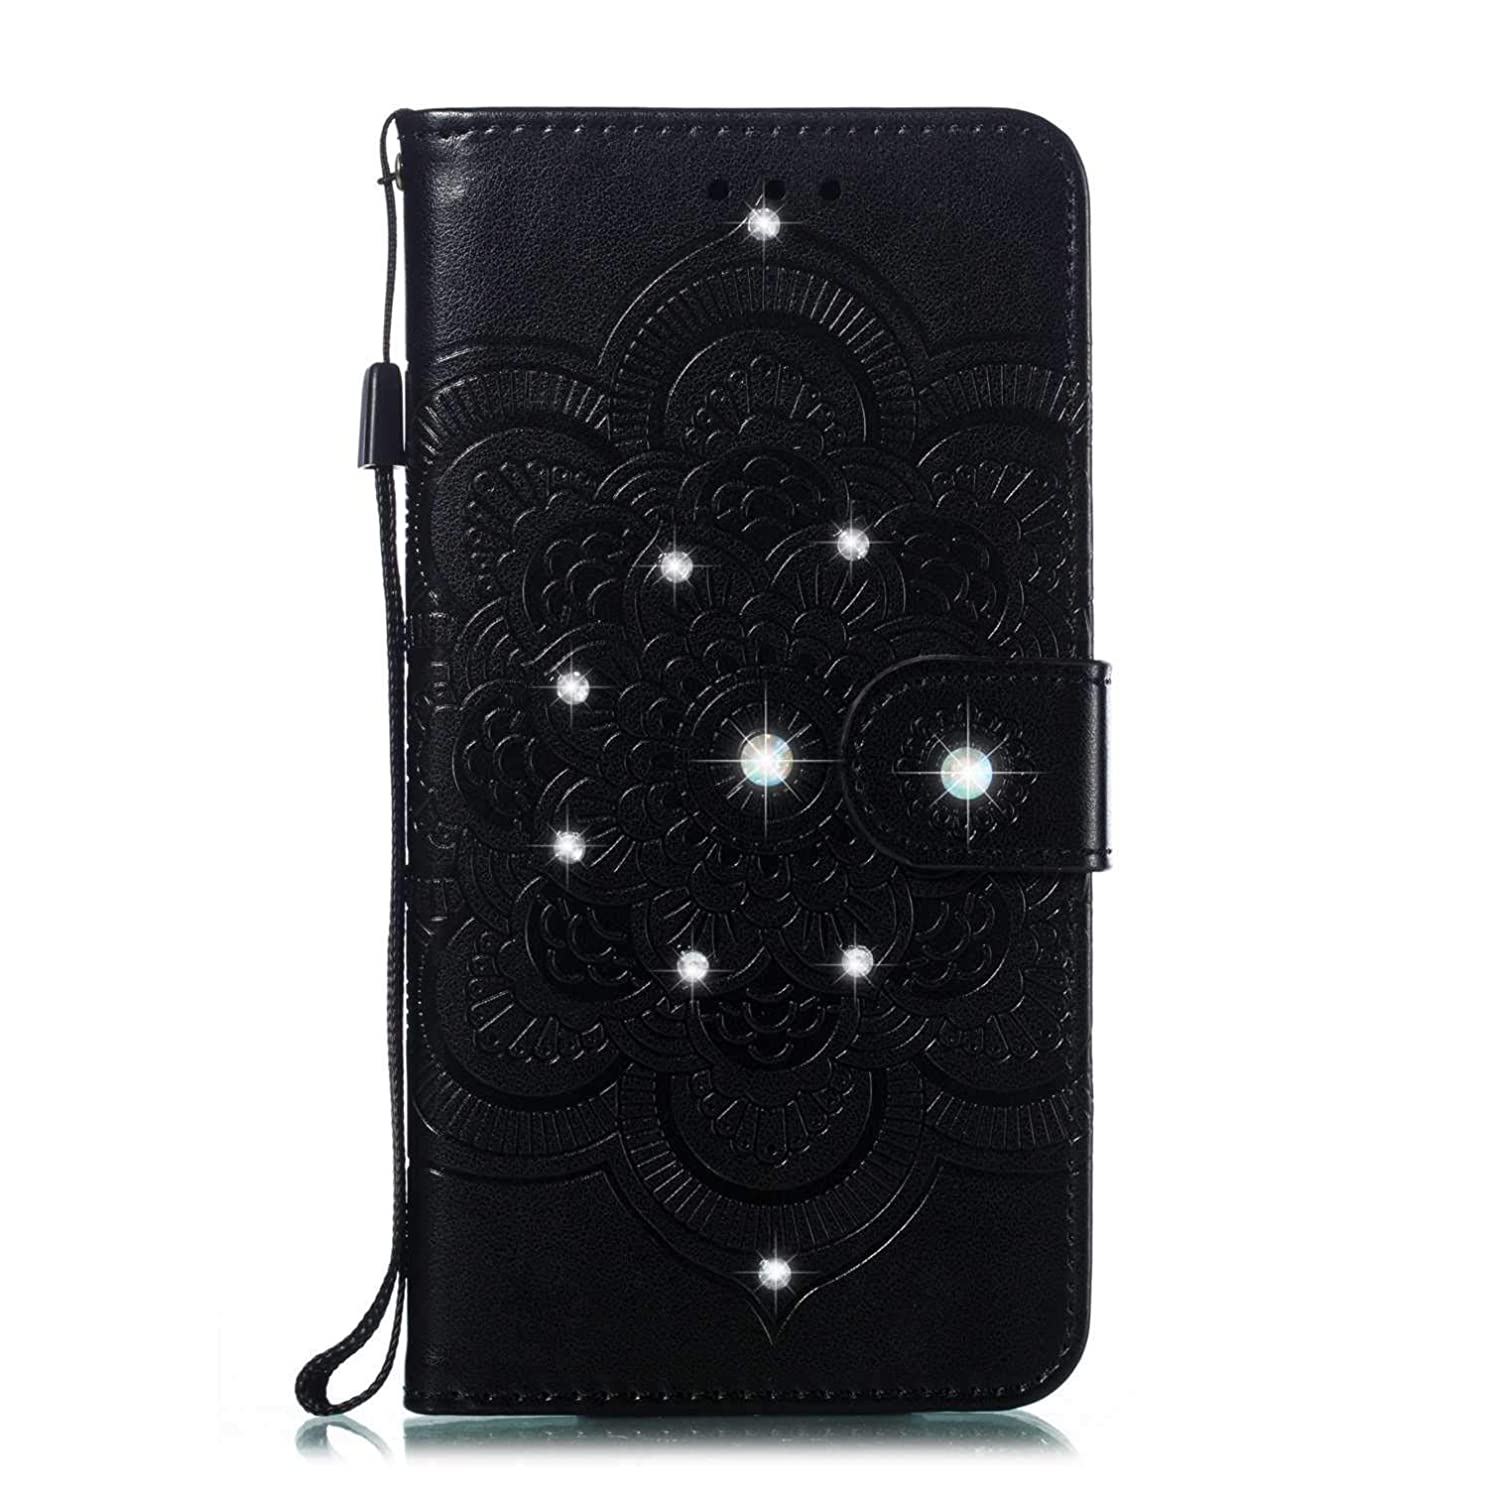 飢饉保存ソートOMATENTI Huawei P Smart ケース 手帳型 かわいい レディース用 合皮PUレザー 財布型 保護ケース ザー カード収納 スタンド 機能 マグネット 人気 高品質 ダイヤモンドの輝き マンダラのエンボス加工 ケース, 黒